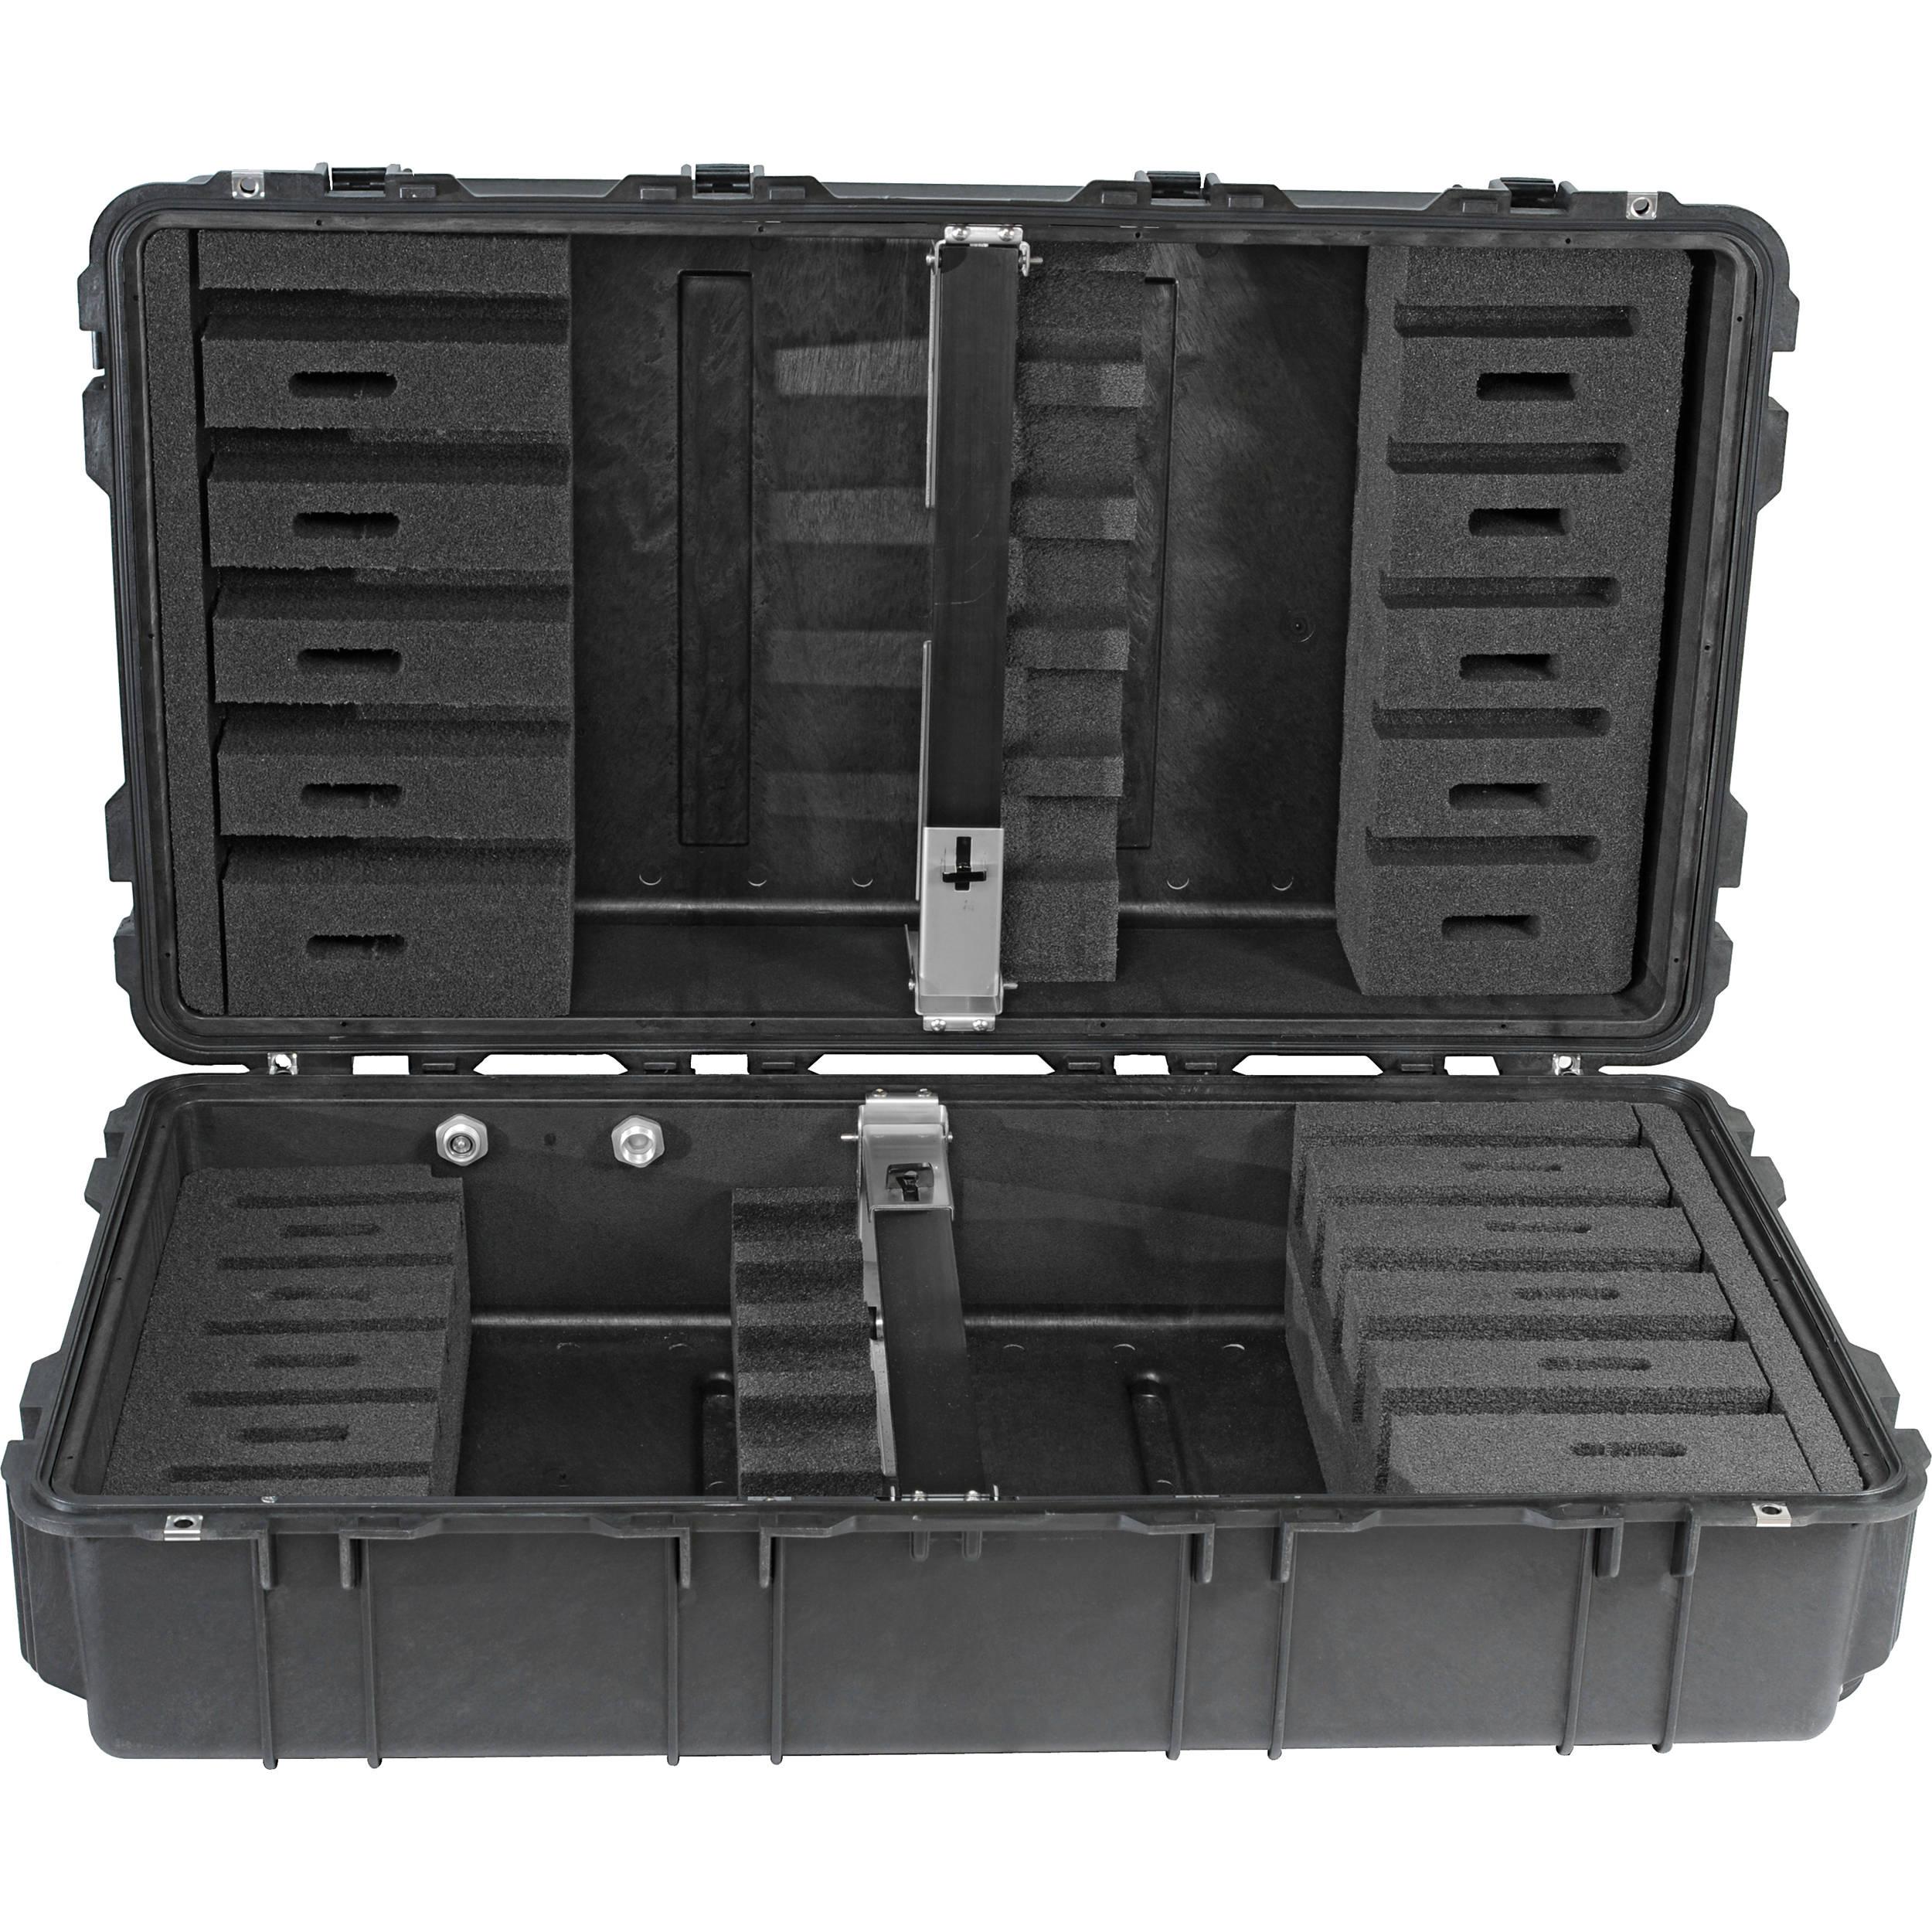 Pelican 1780RF Long Weapons Case with Rifle Foam Cut Insert (Black)